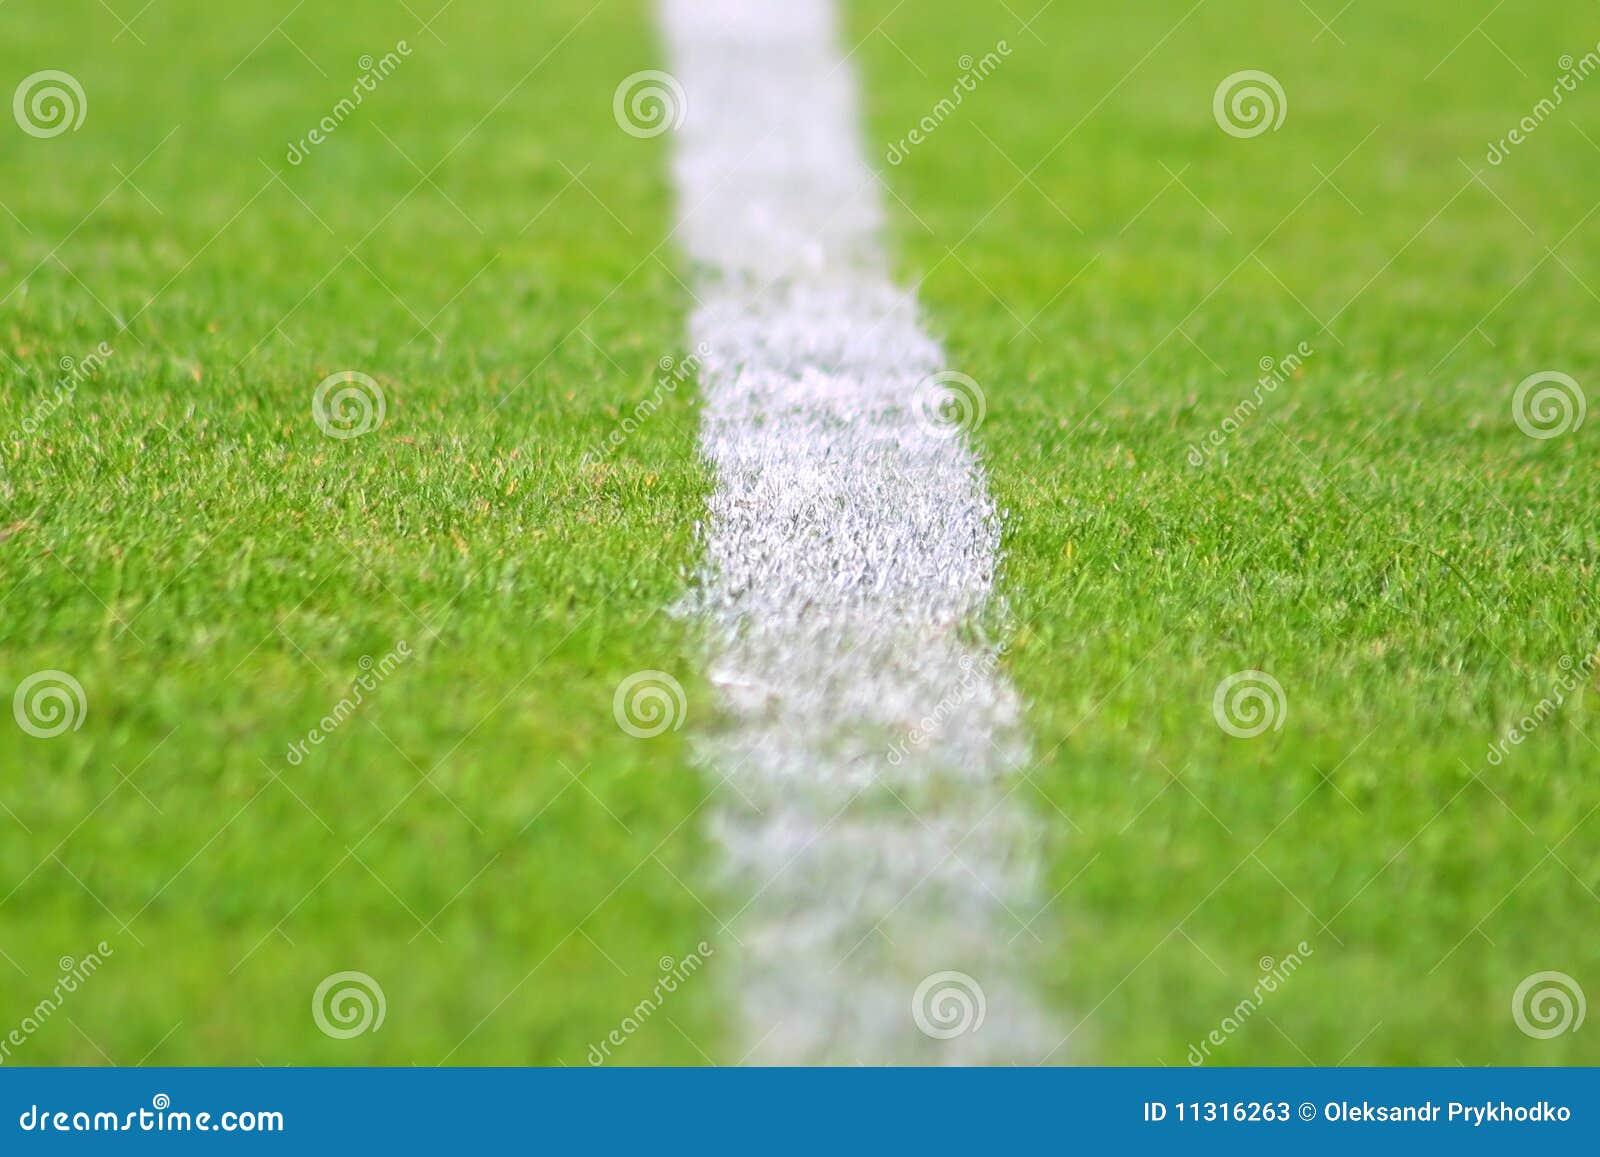 Streifen auf grünem Fußballplatz